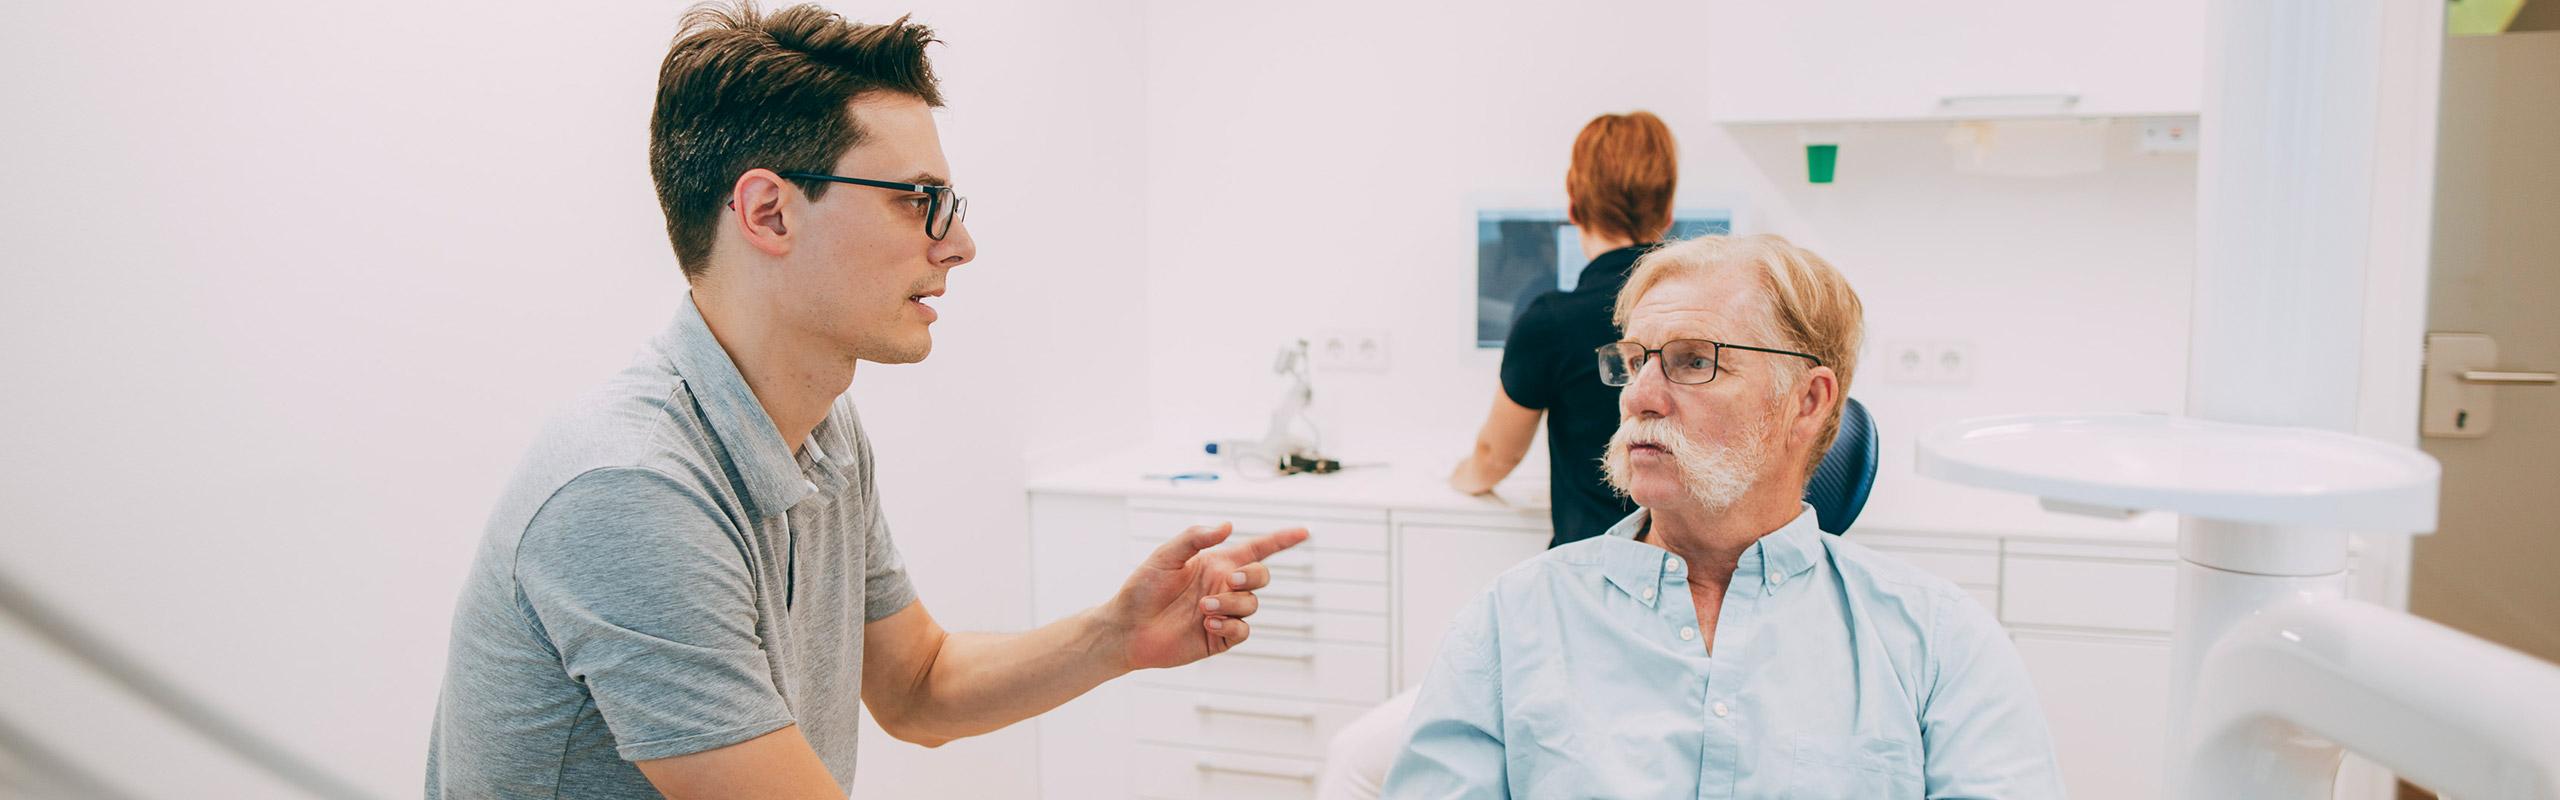 Zahnarzt Dr. Gero Winkler informiert Patienten zu Möglichkeiten mit Zahnprothesen in Bonn-Oberkassel.